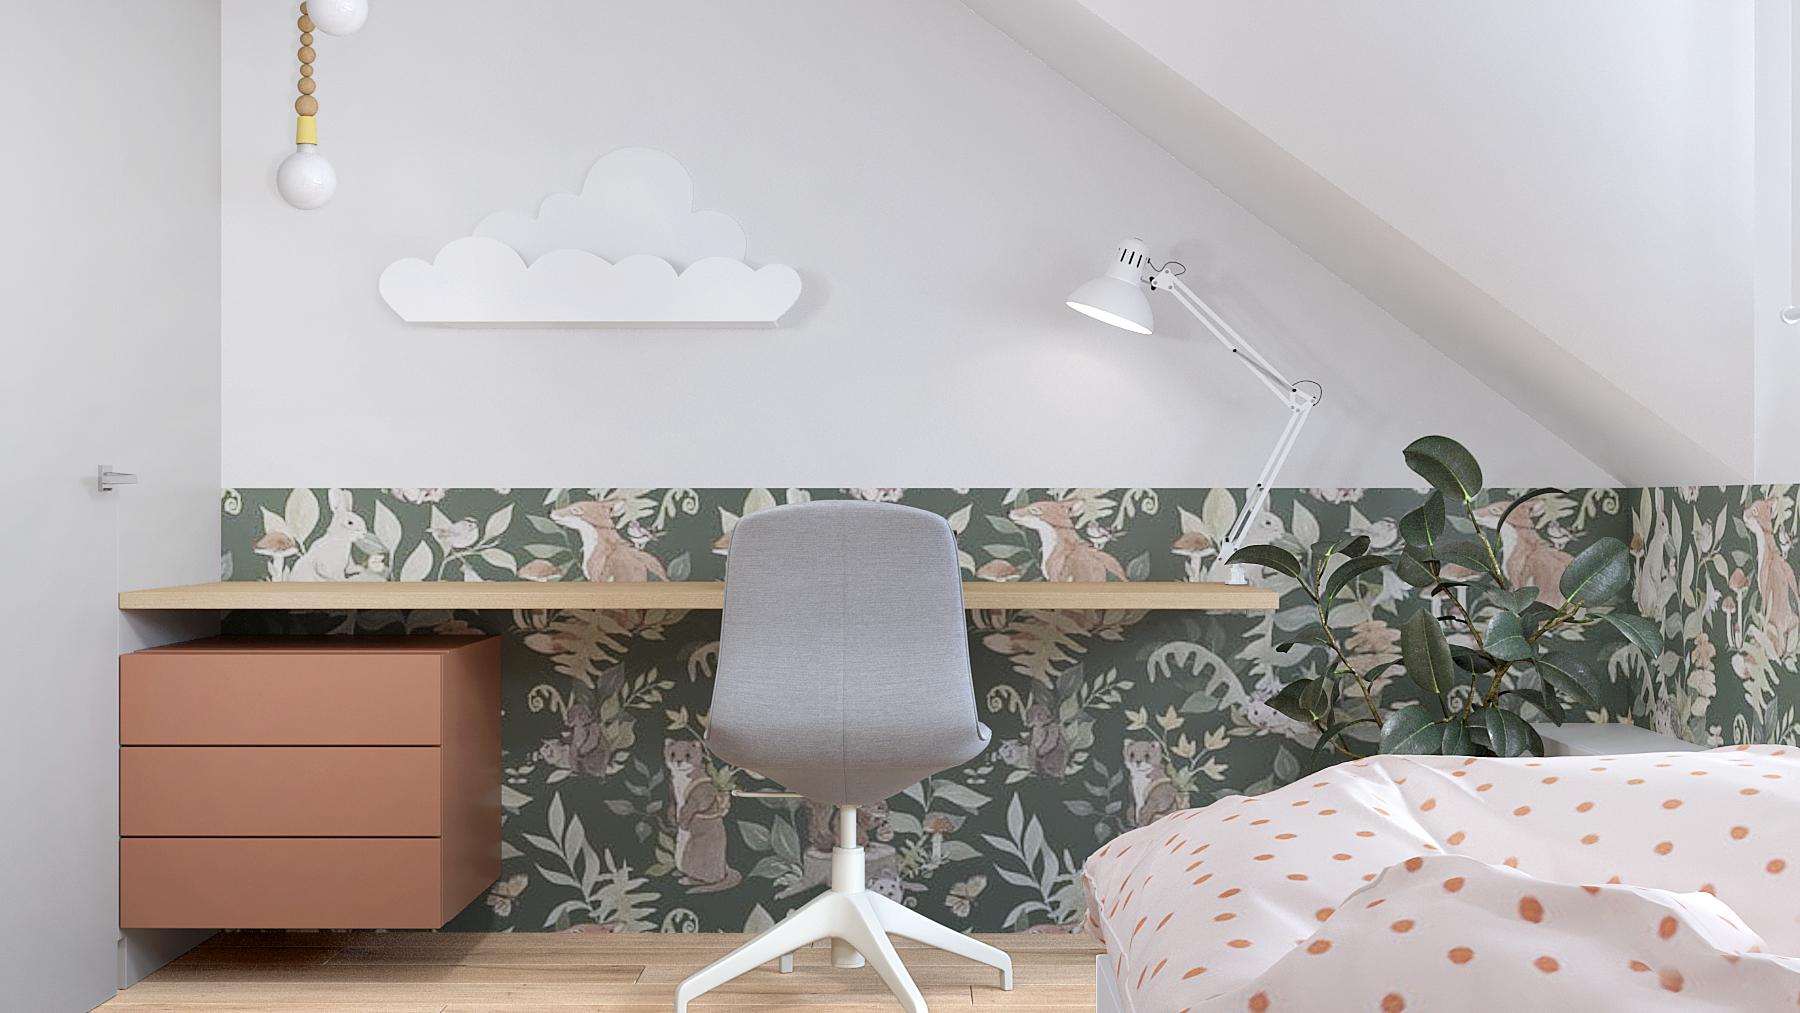 9 projektant wnetrz D423 poddasze Myslowice pokoj dla dziewczynki biurko tapeta polka chmurka szare krzeslo